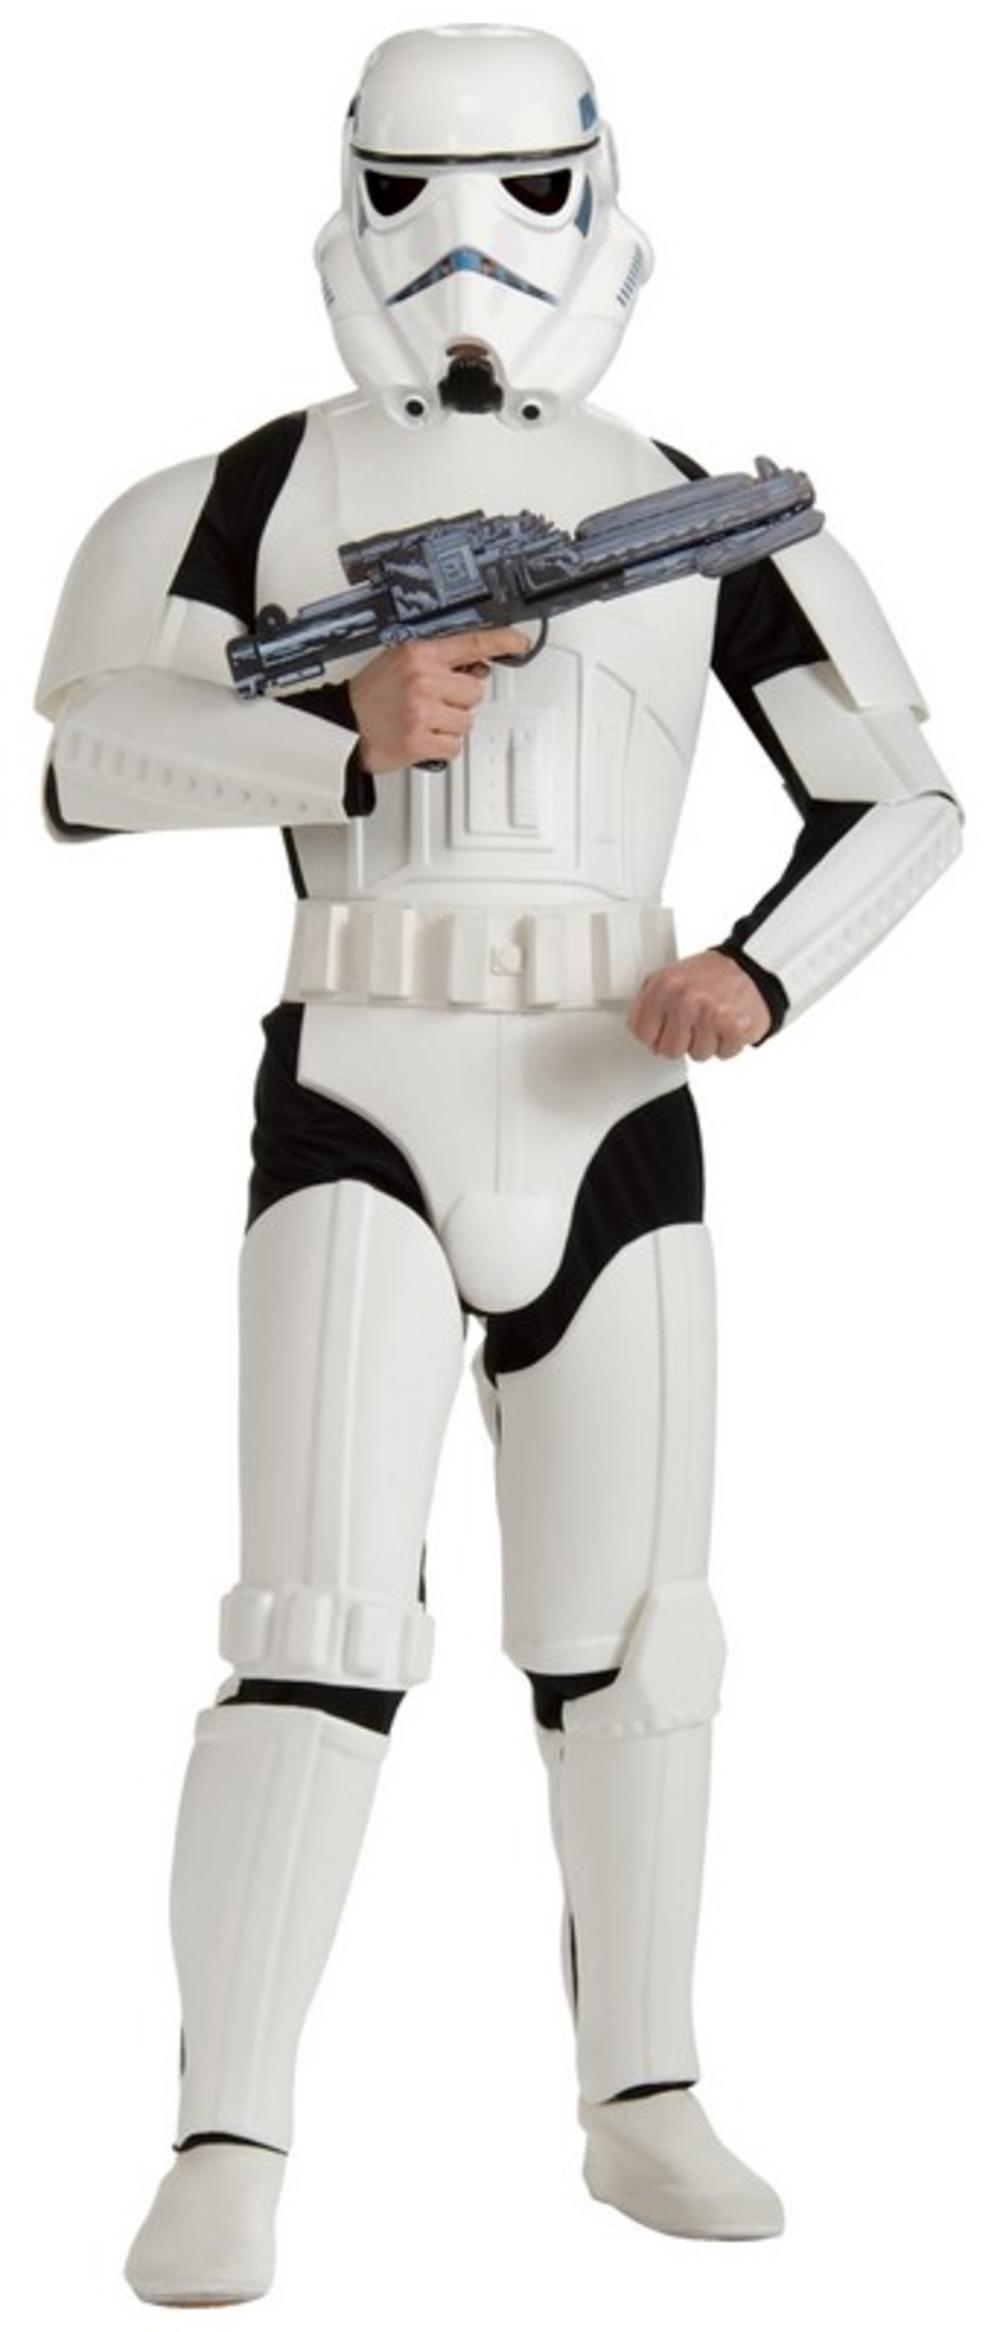 Deluxe Stormtrooper Star Wars Mens Fancy Dress Storm Trooper Adult Costume - New